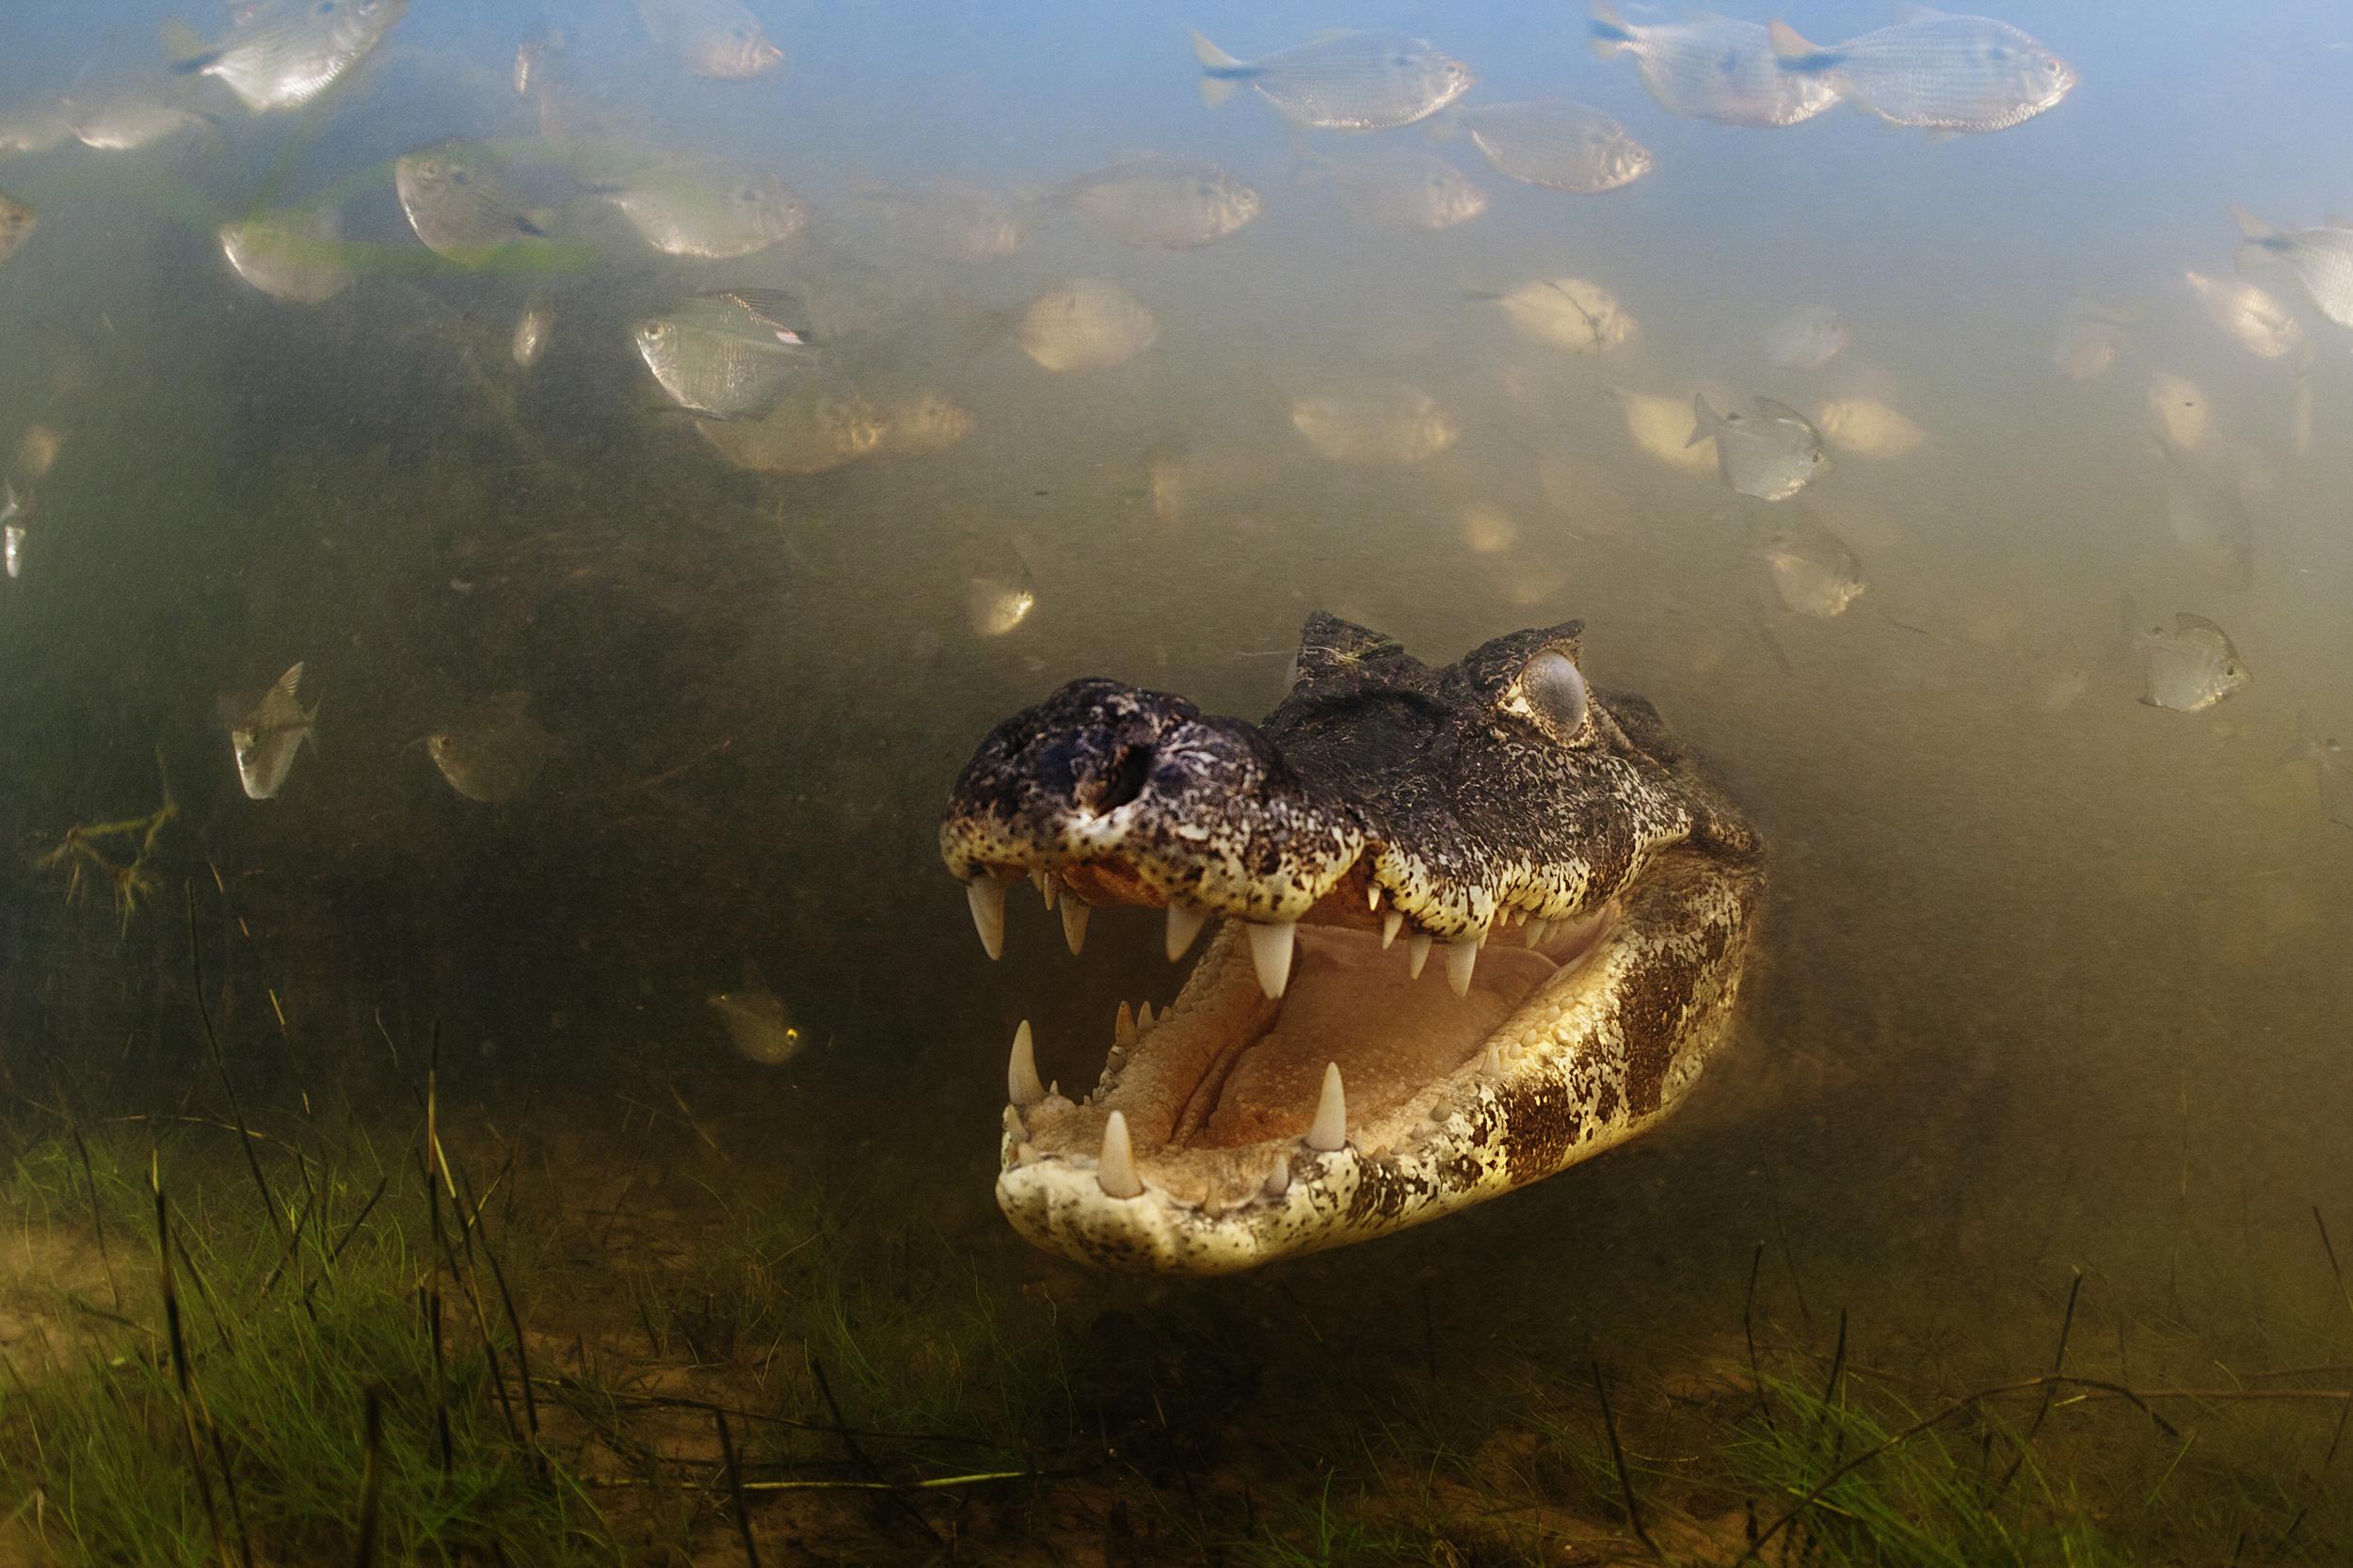 Картинки Крокодилы Подводный мир Животные 2500x1666 крокодил животное